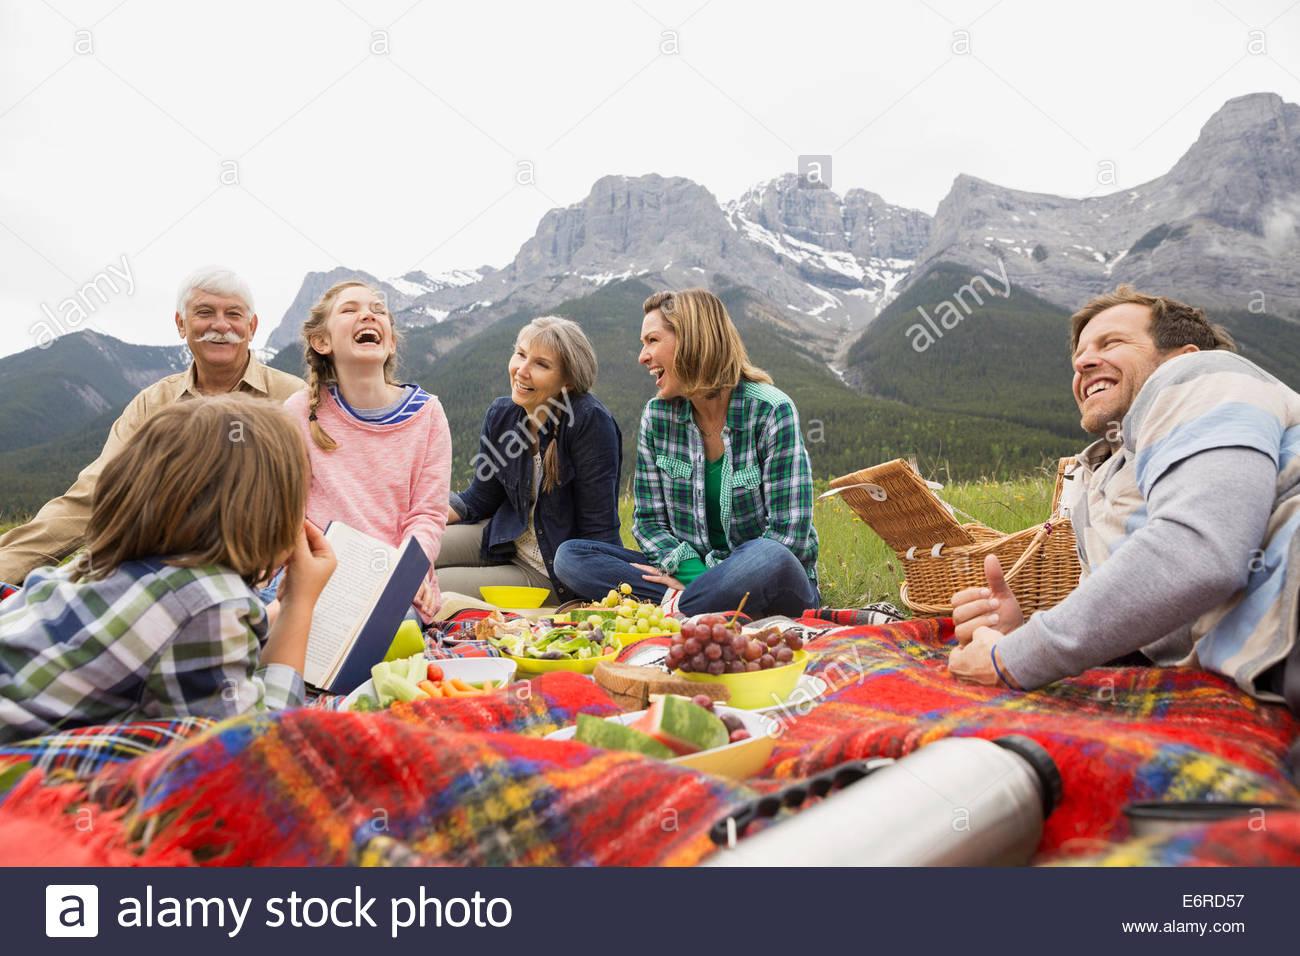 Familie Picknick im ländlichen Bereich Stockbild